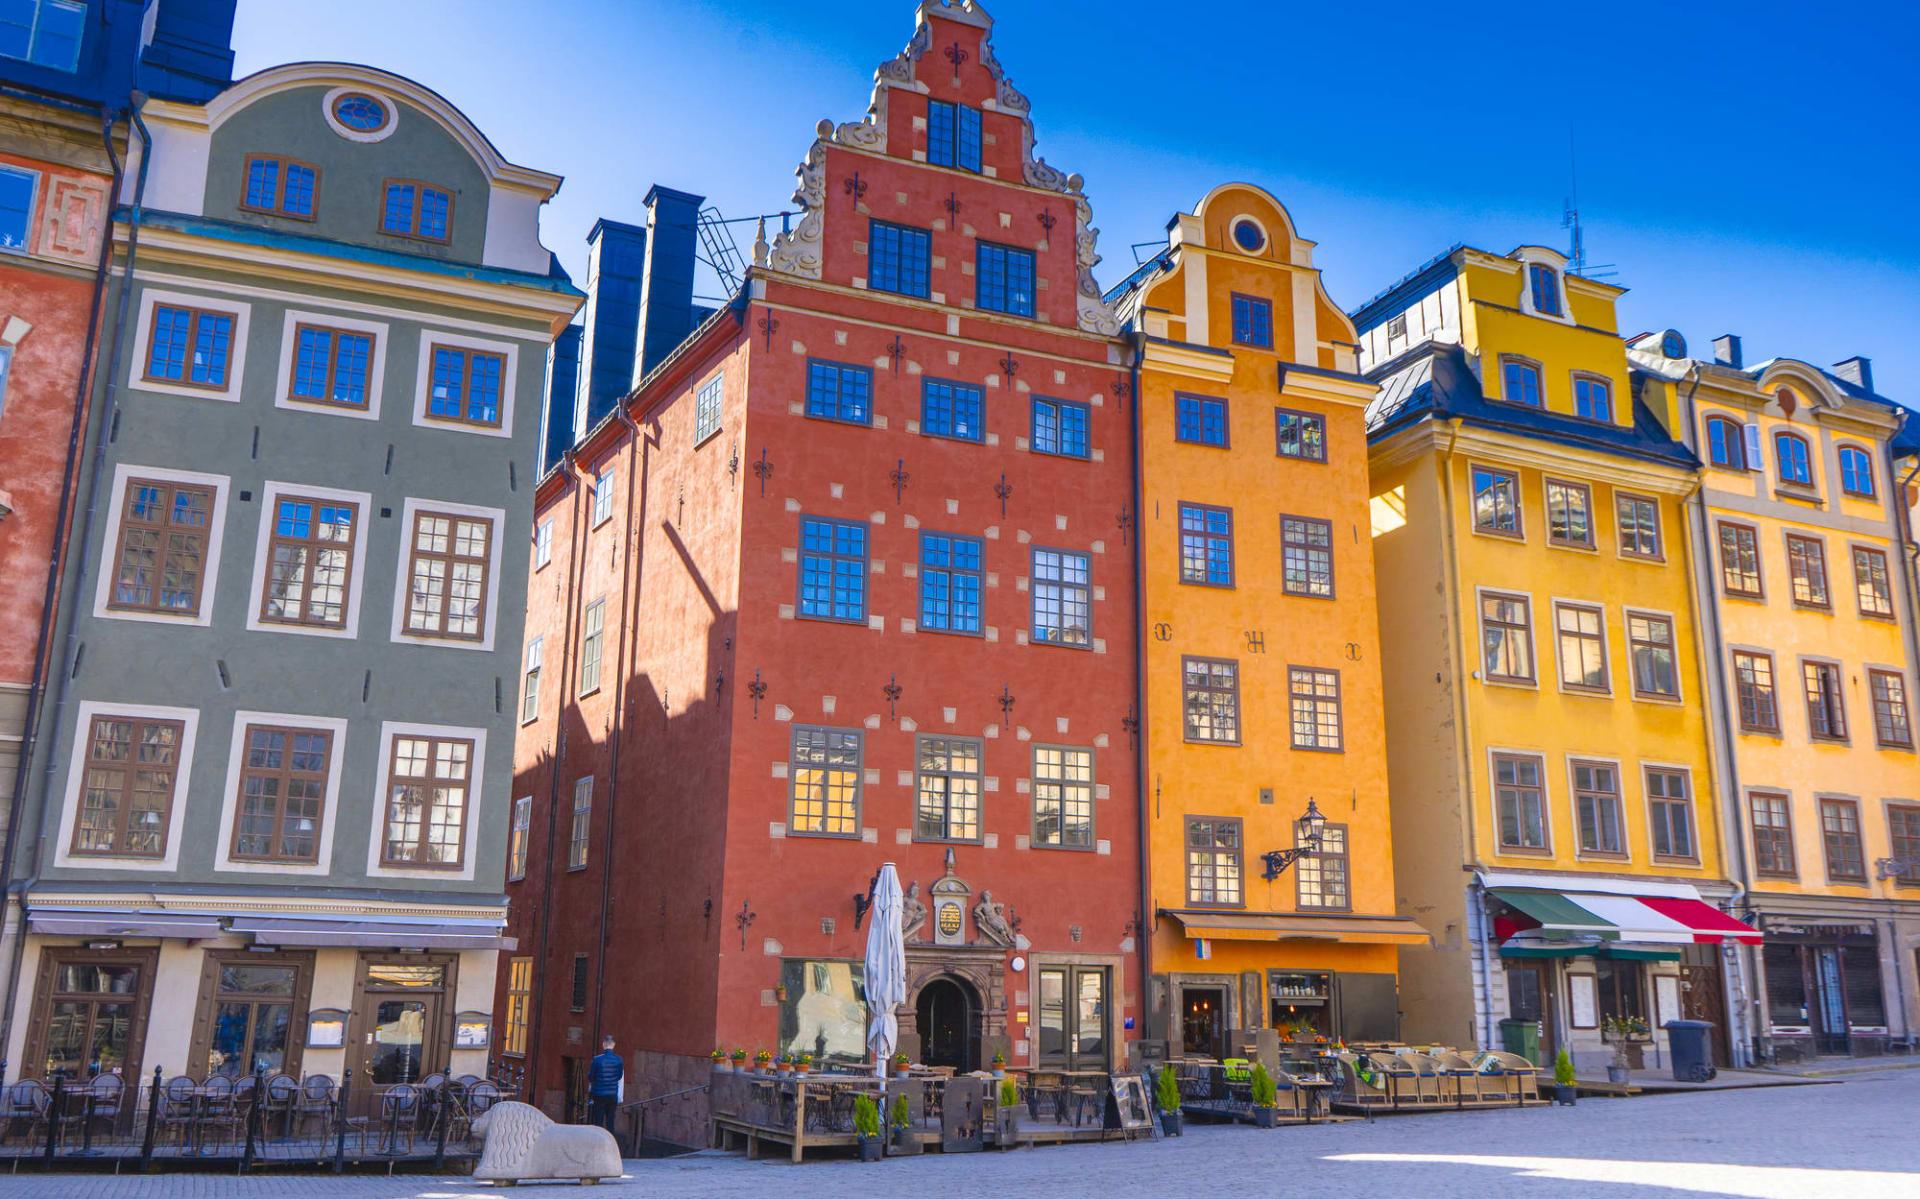 First Reisen in Stockholm: Stortorget (der Große Platz) ist ein öffentlicher Platz in Gamla Stan, der Altstadt von Stockholm